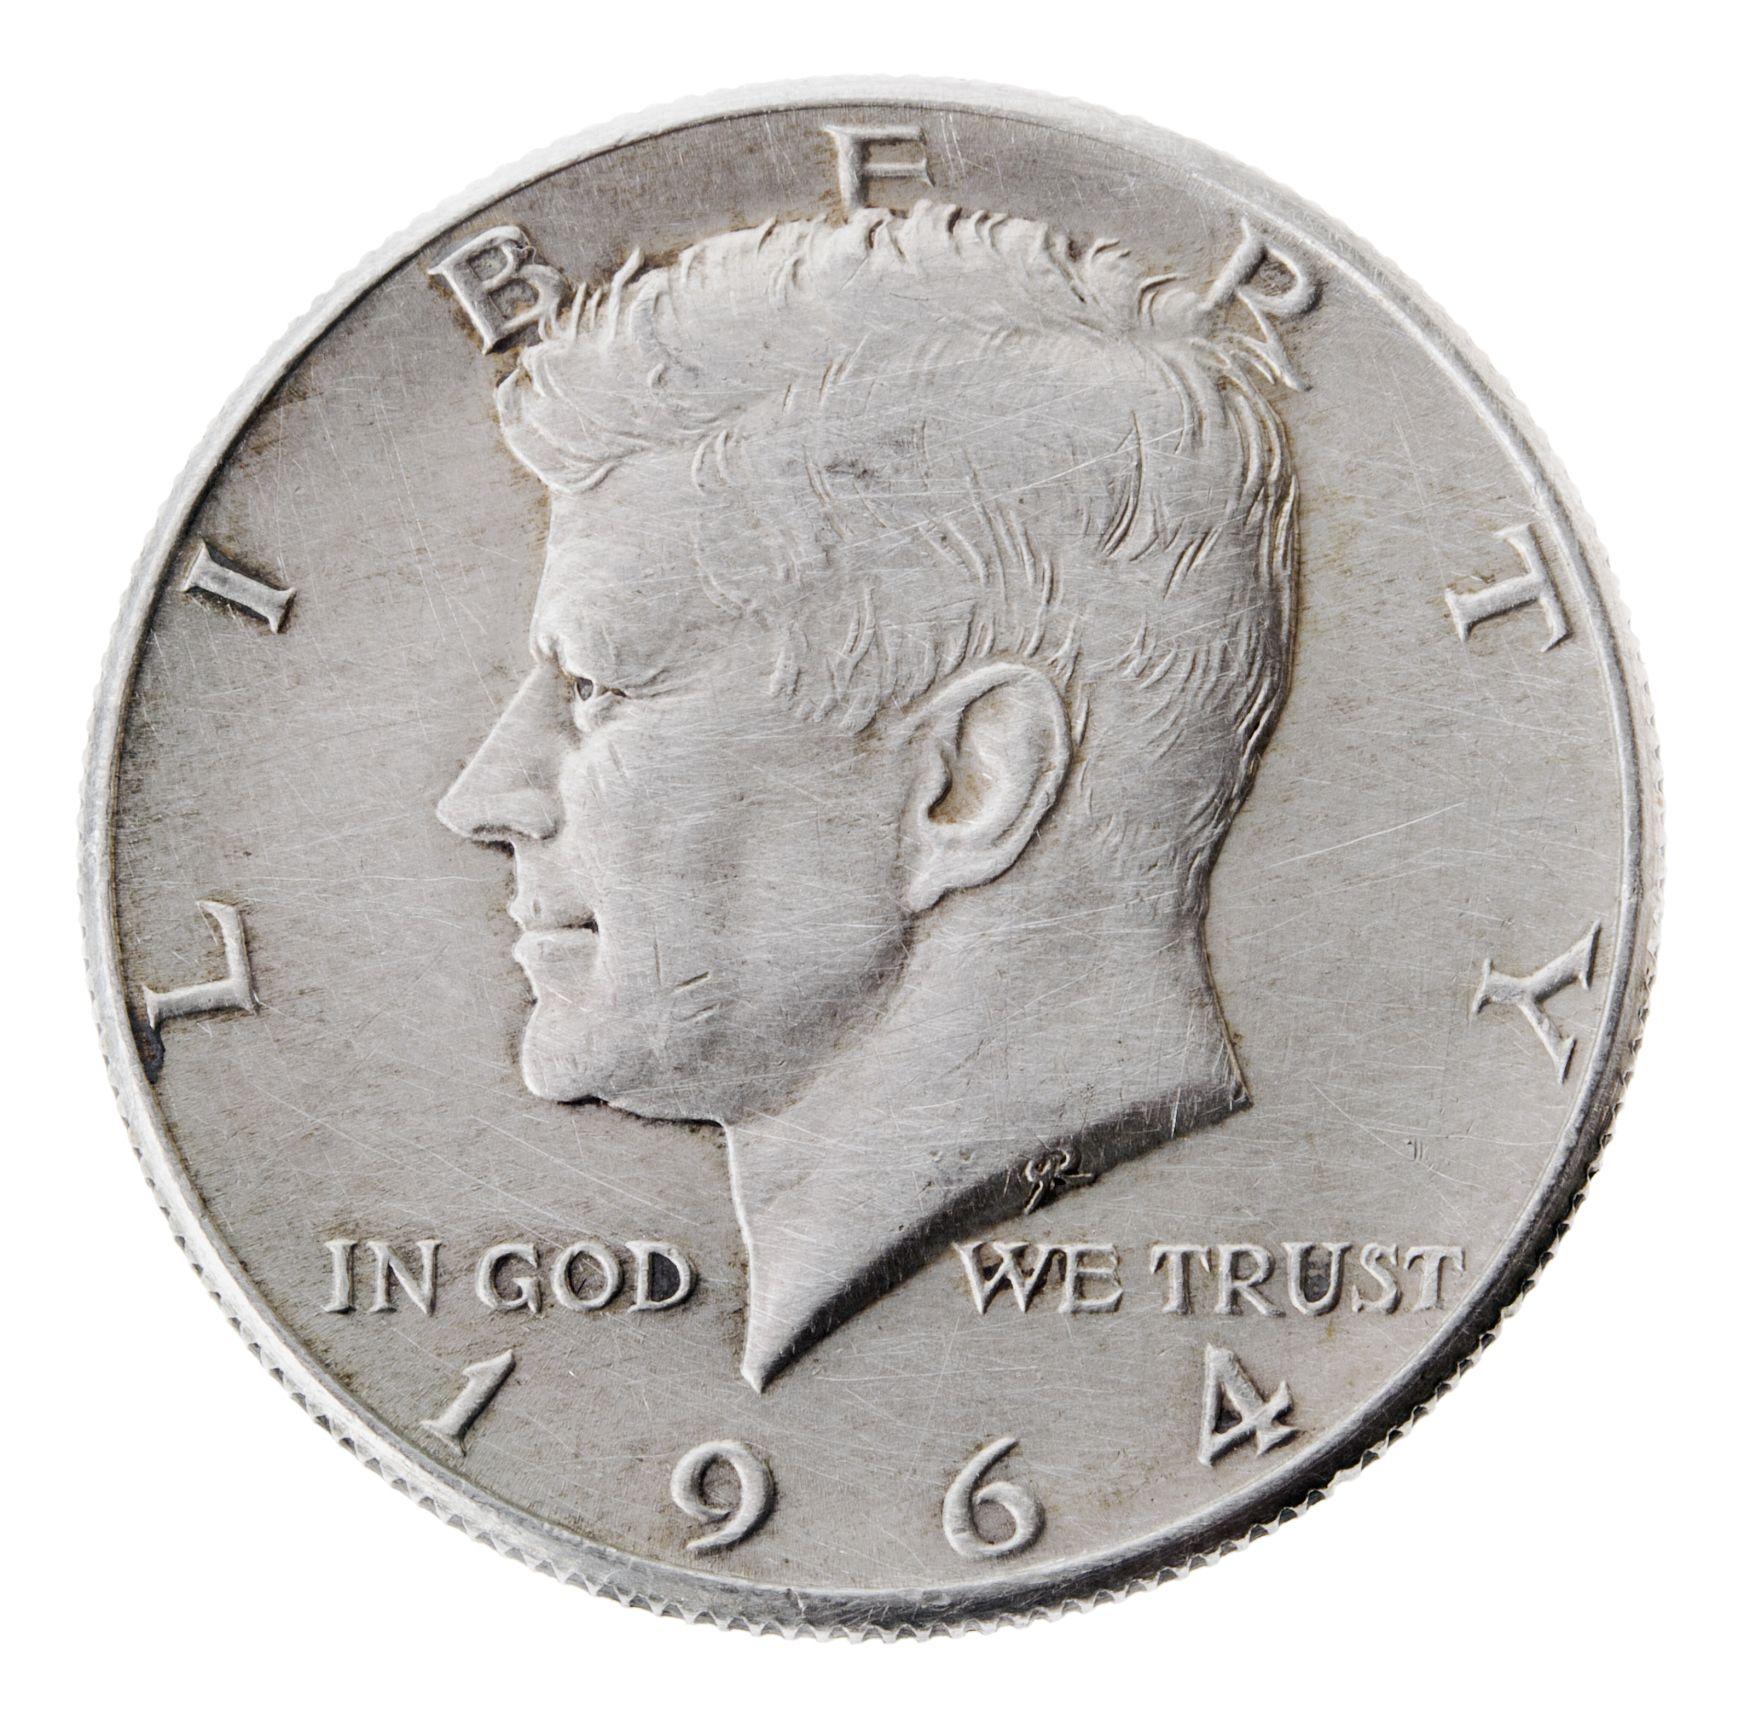 JFK-coin.jpg